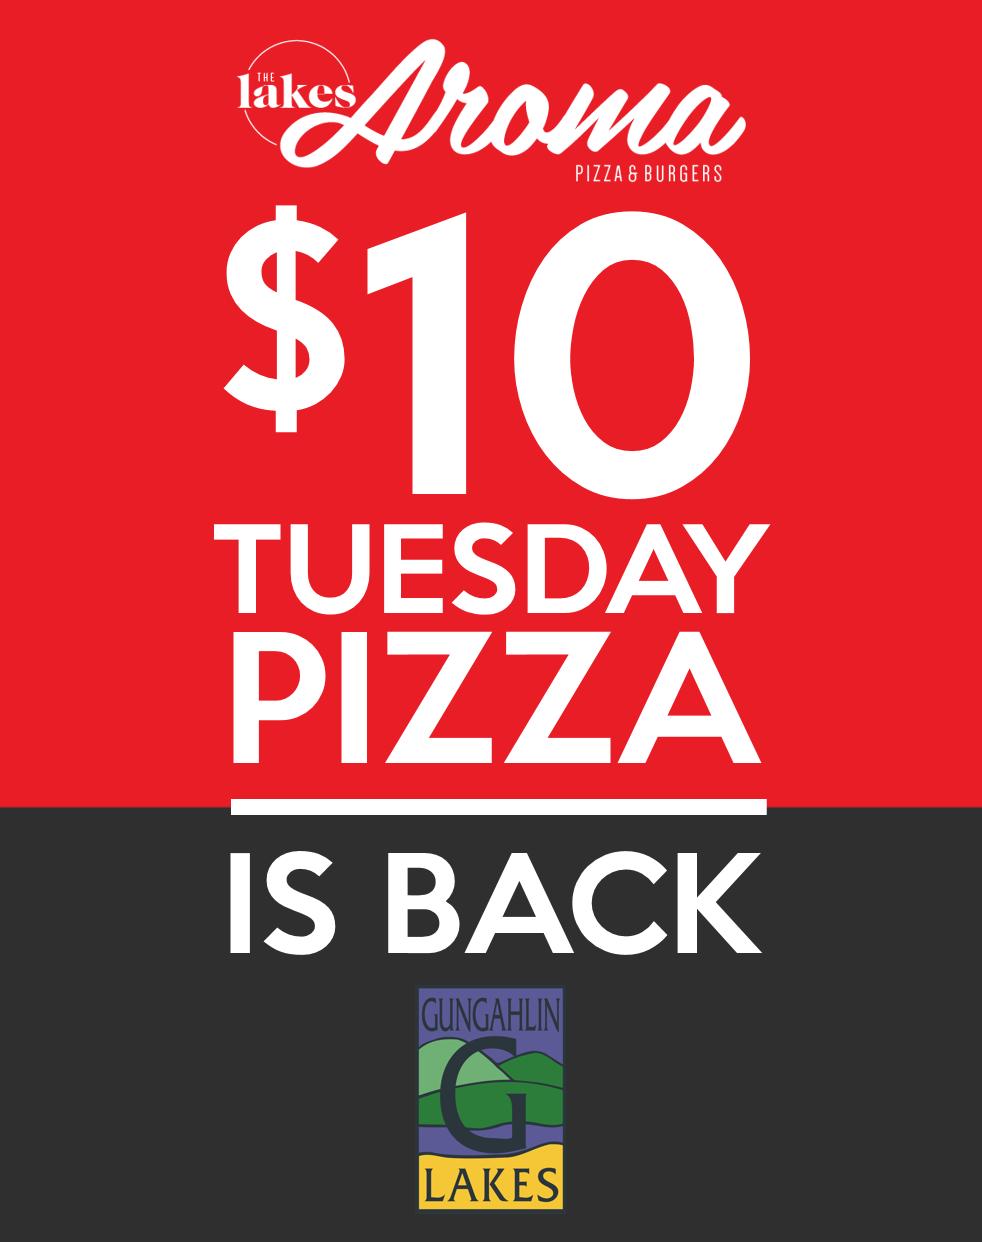 Tuesday pizza at Gungahlin Lakes